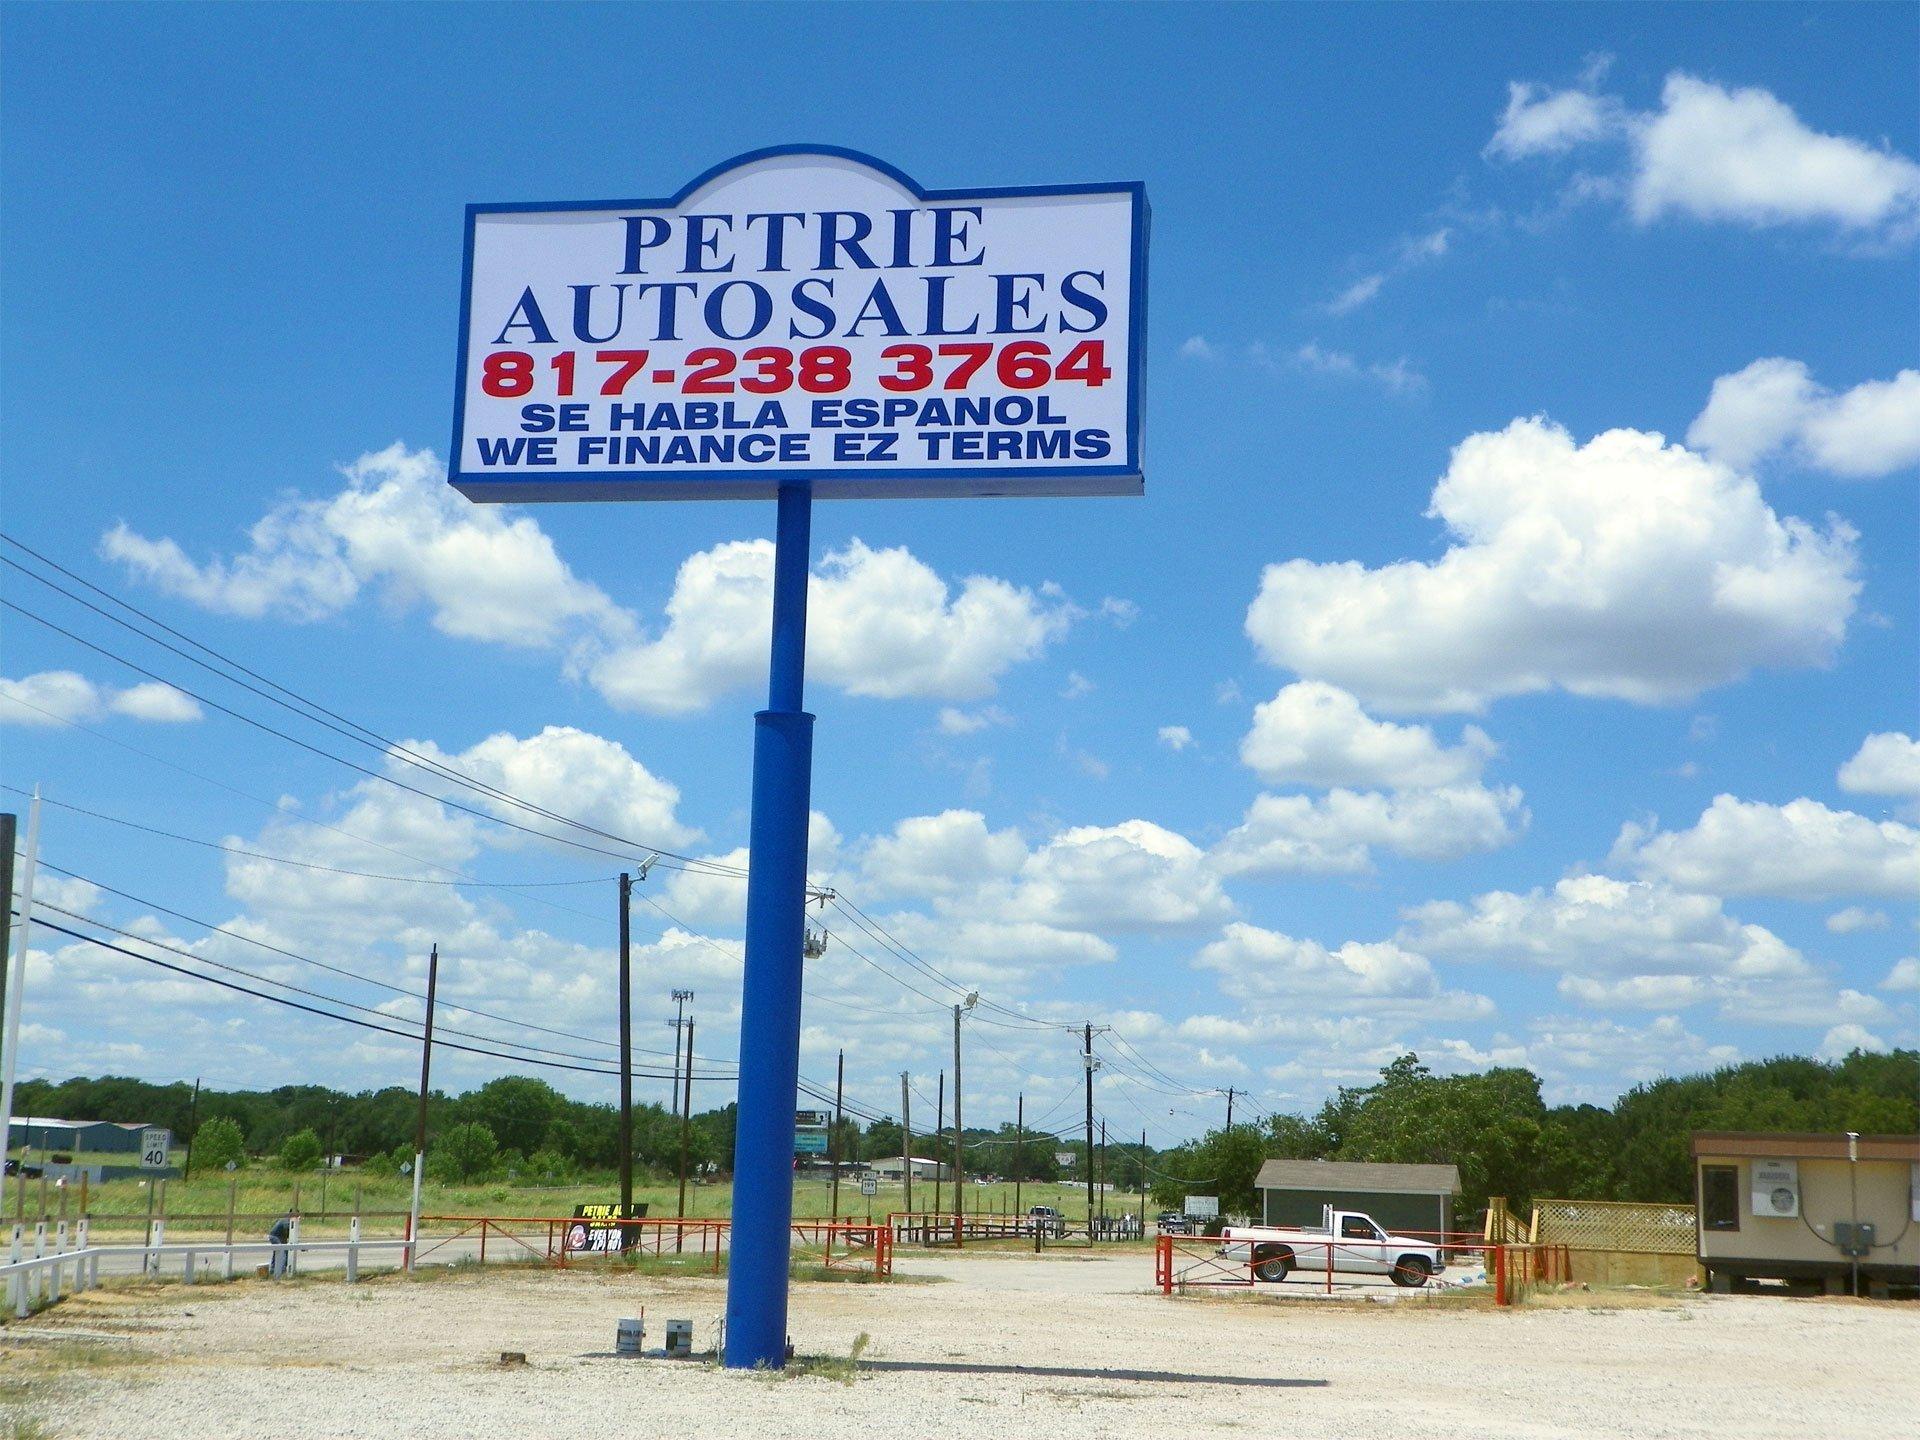 PEtrie Autosale Sign